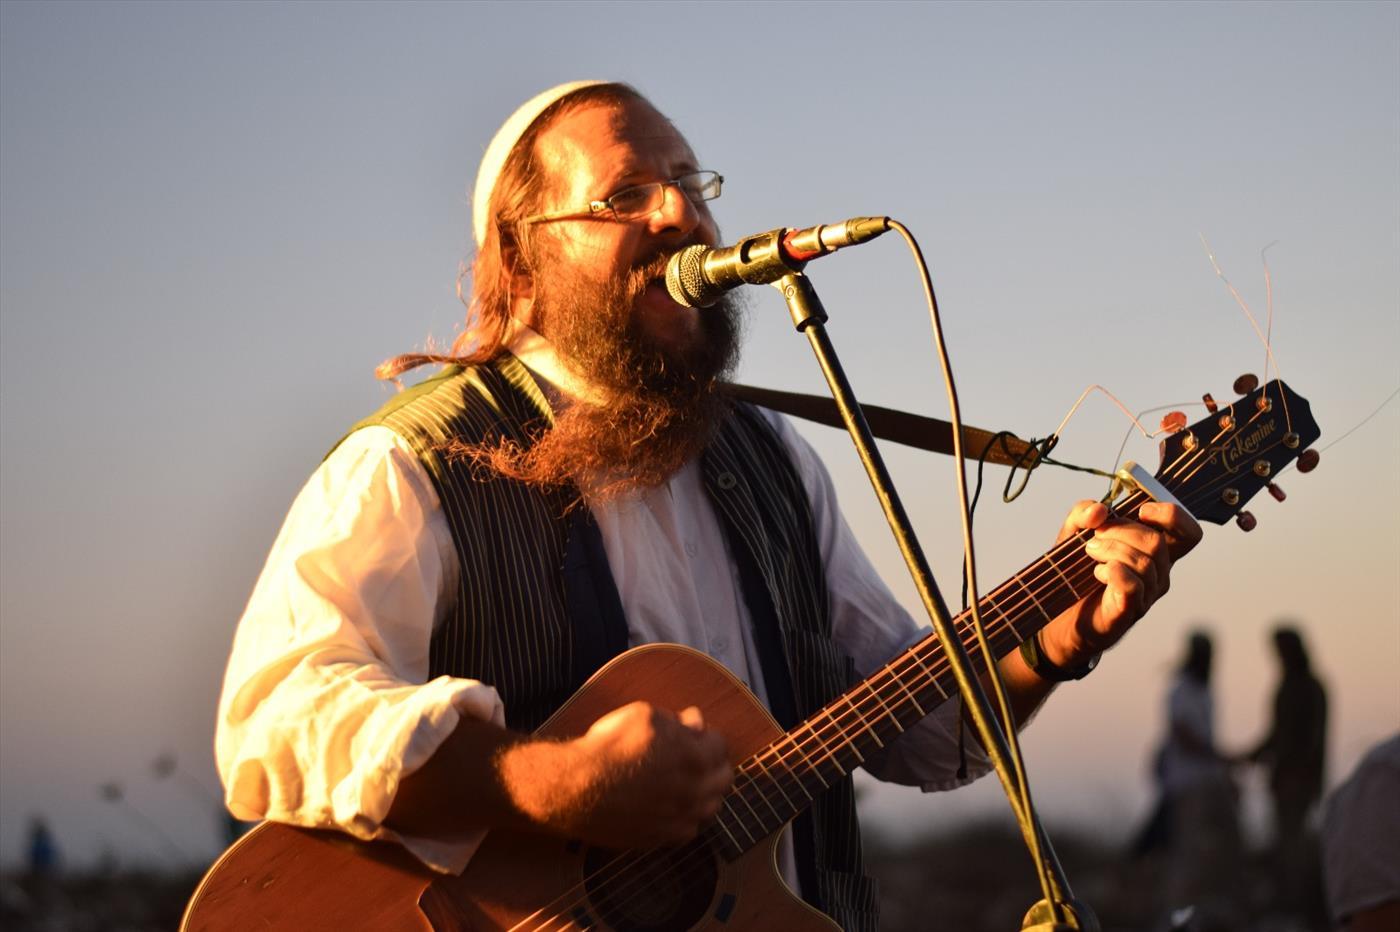 ירמיהו פיחה מנגן